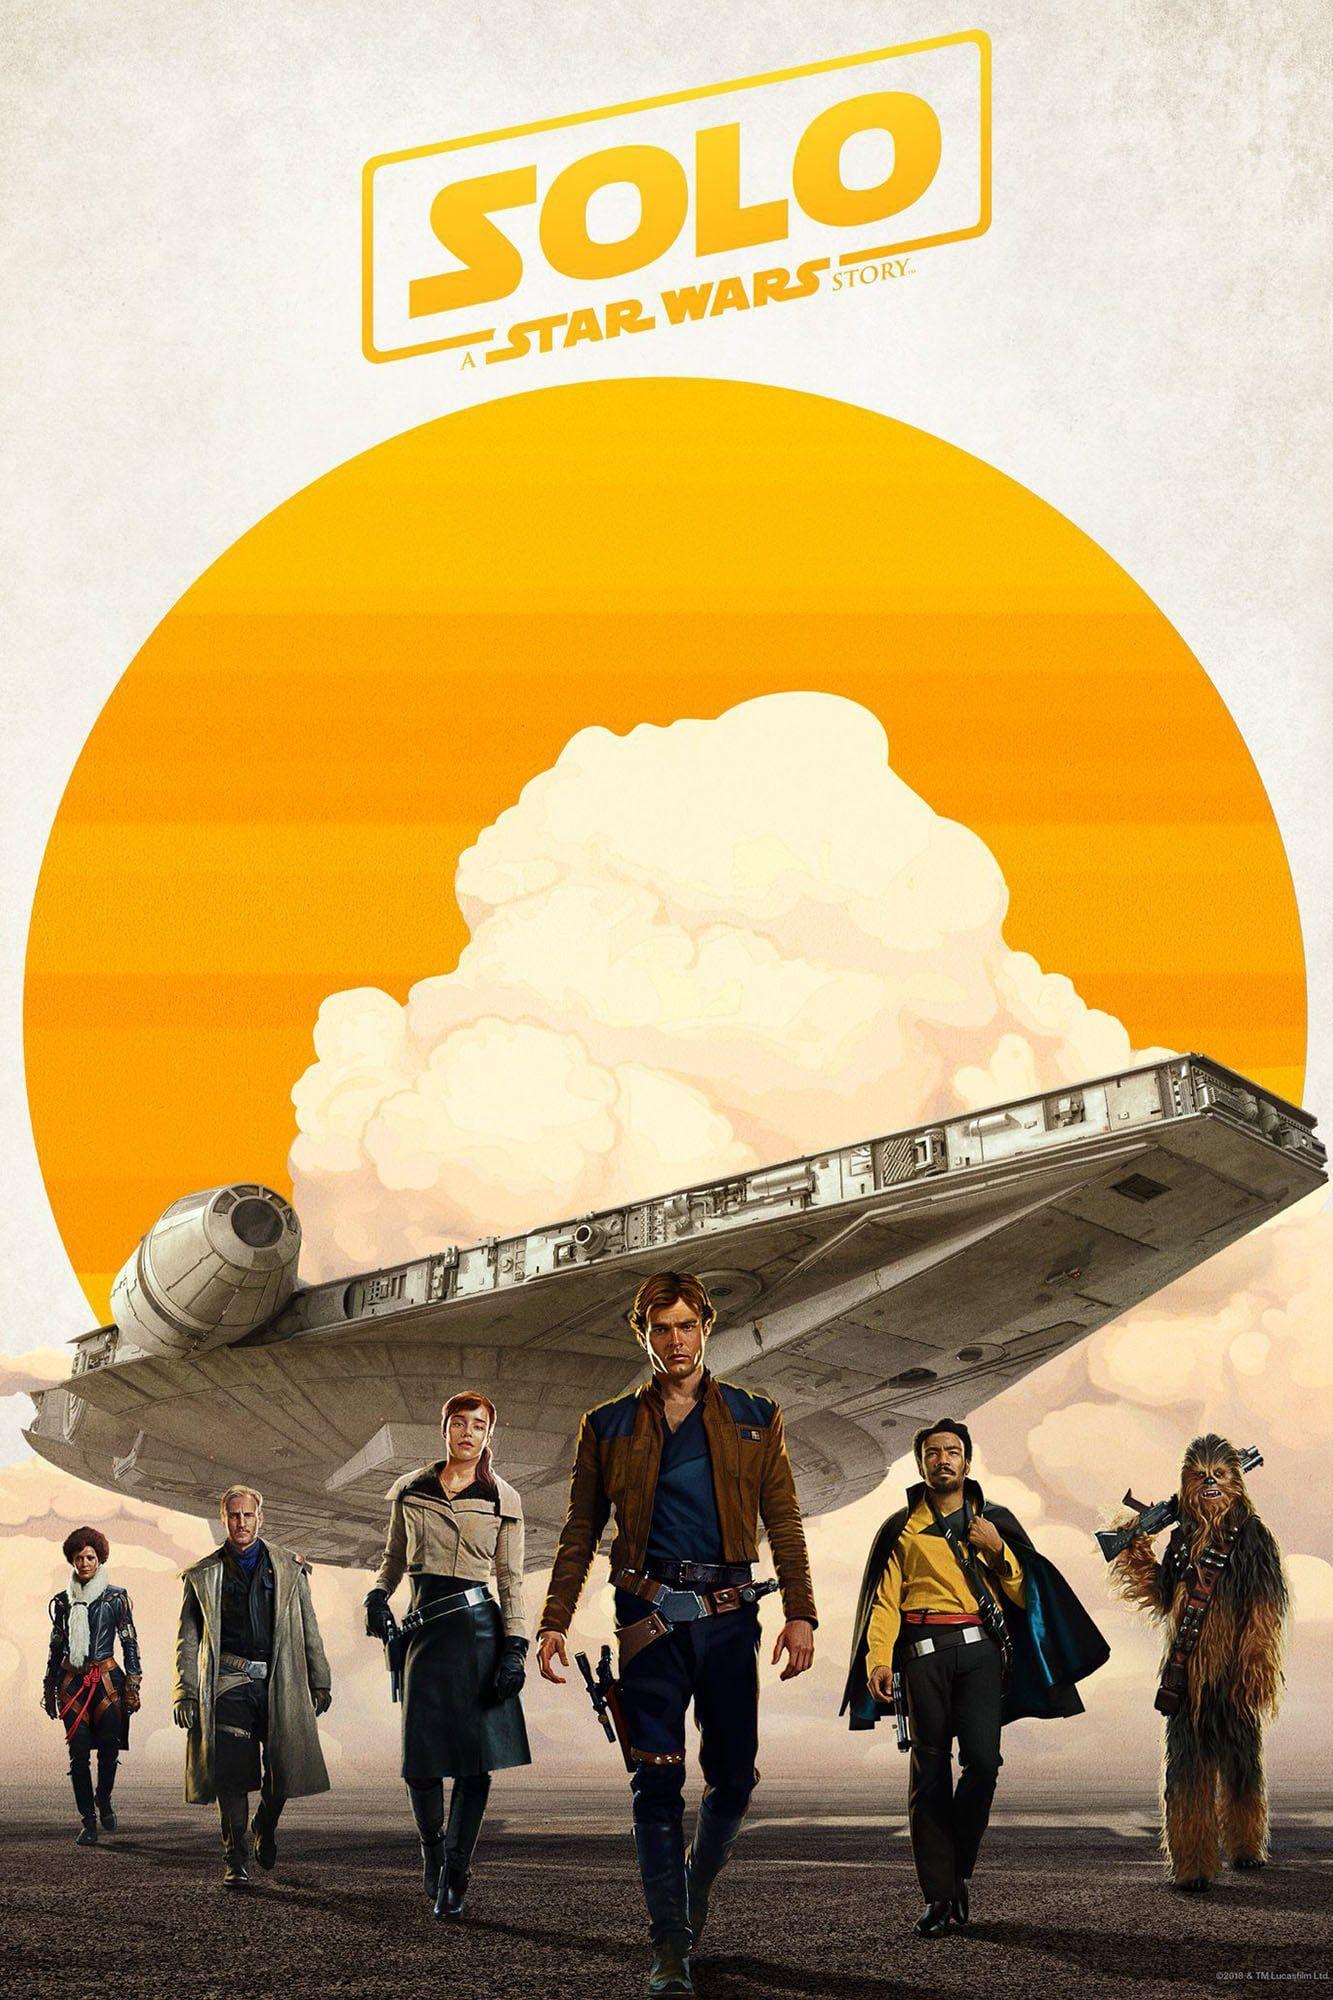 Han Solo Una Historia De Star Wars Pelicula Completa En Espanol Latino Ver Han Solo Una Historia De Star Wars Pelicula Completa Espanol Latino